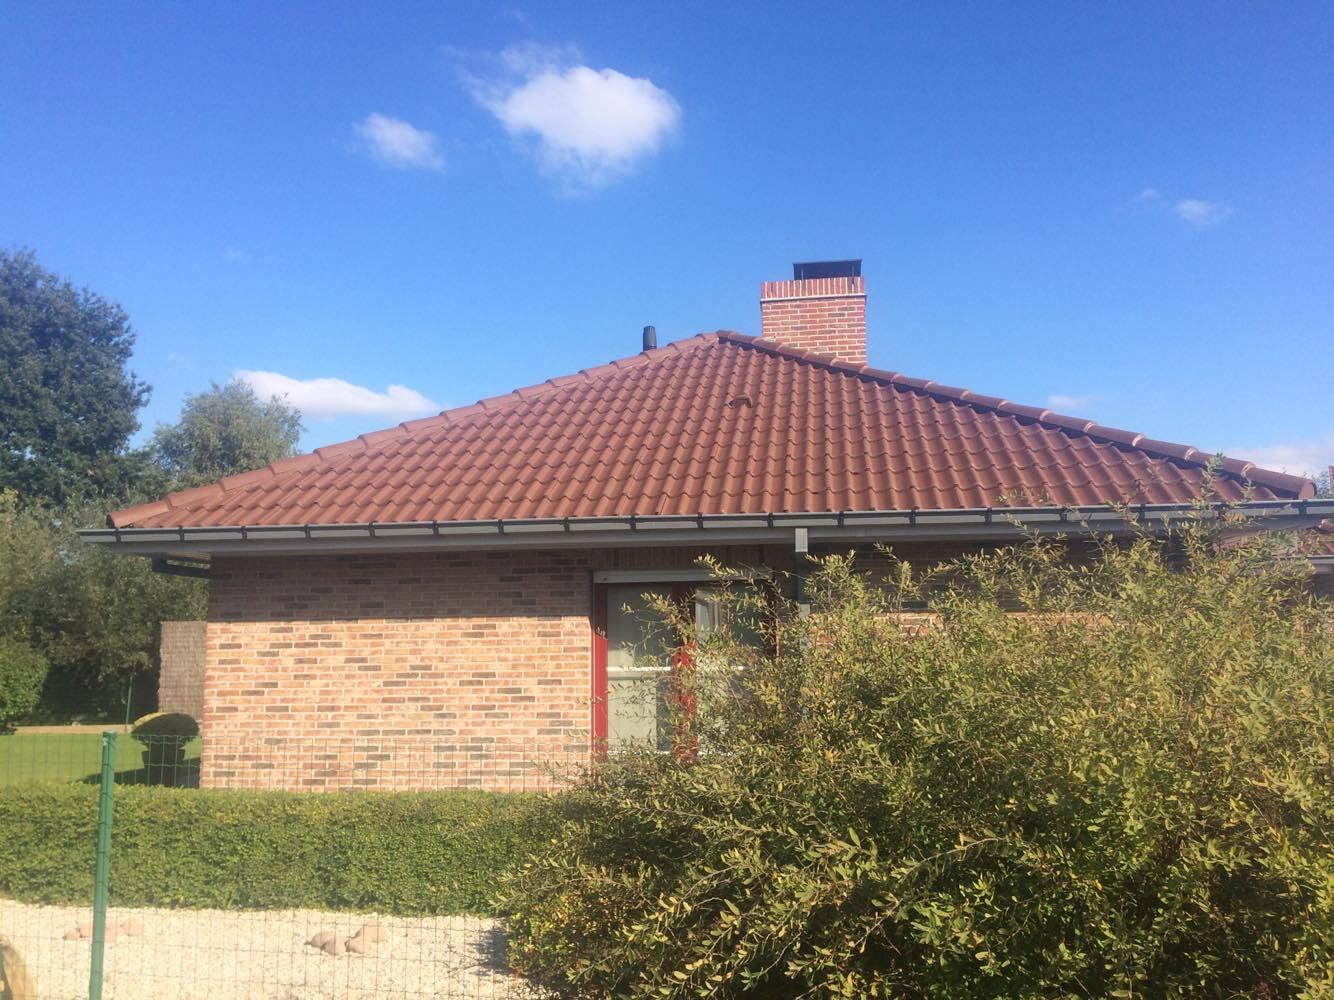 Gerenoveerd dak Roeselare.jpg